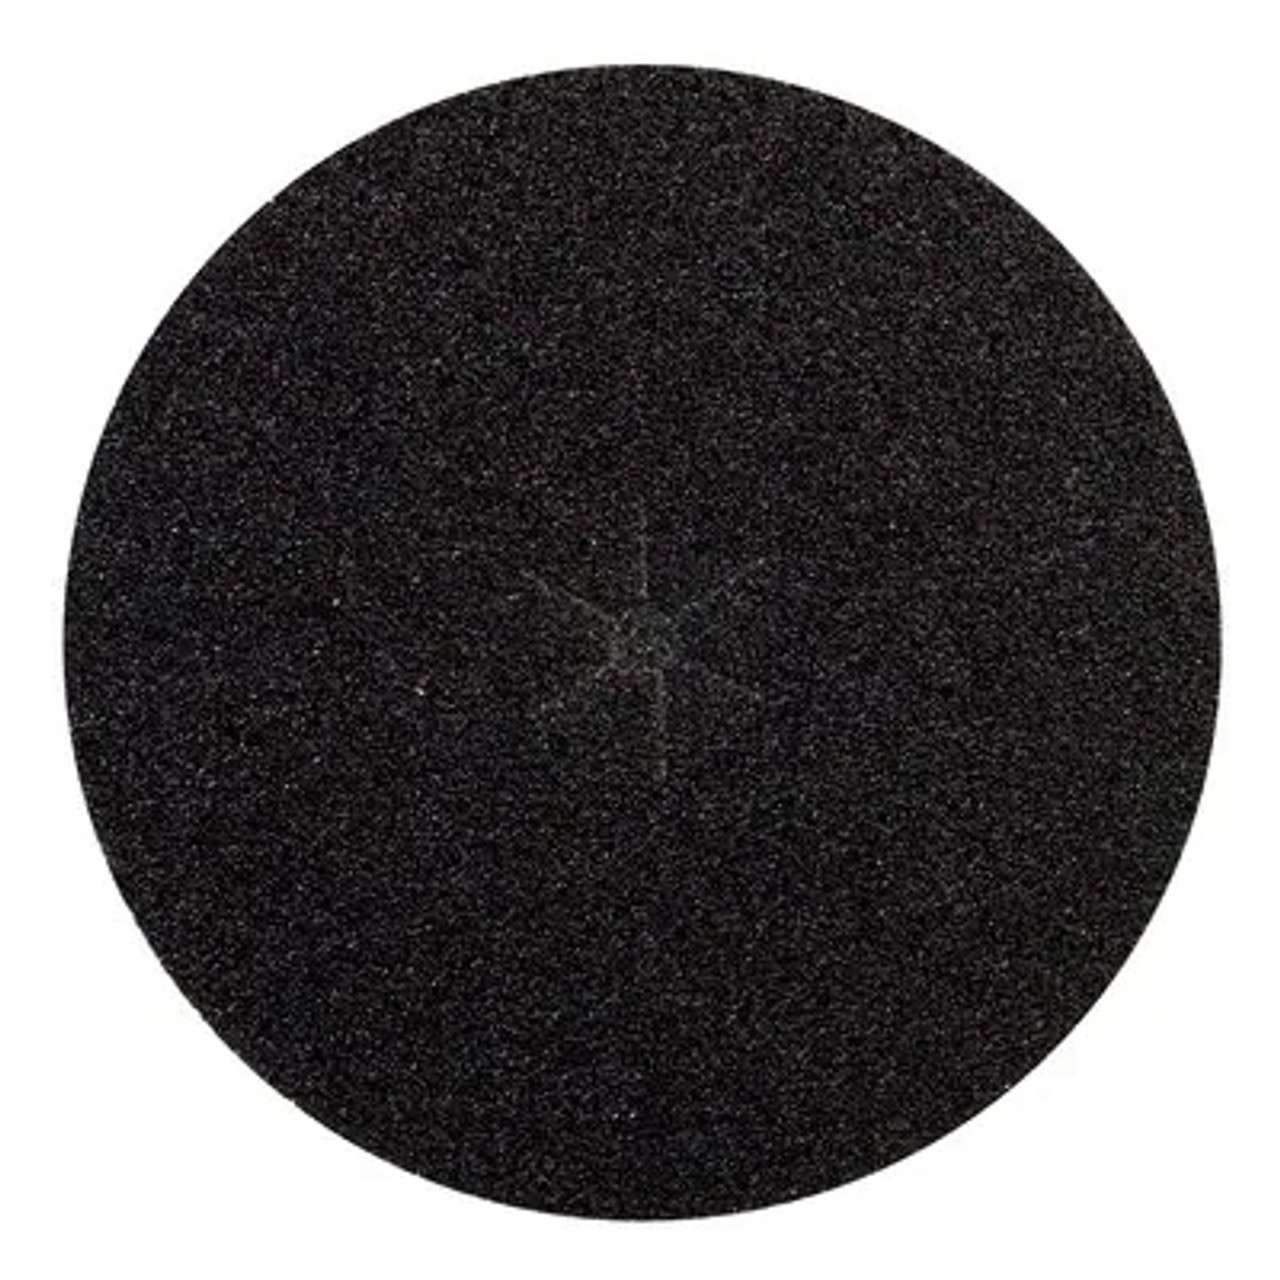 3M™ Regalite™ Floor Surfacing Discs 09279, 7 in x 5/16 in, 752I, 60 Grit